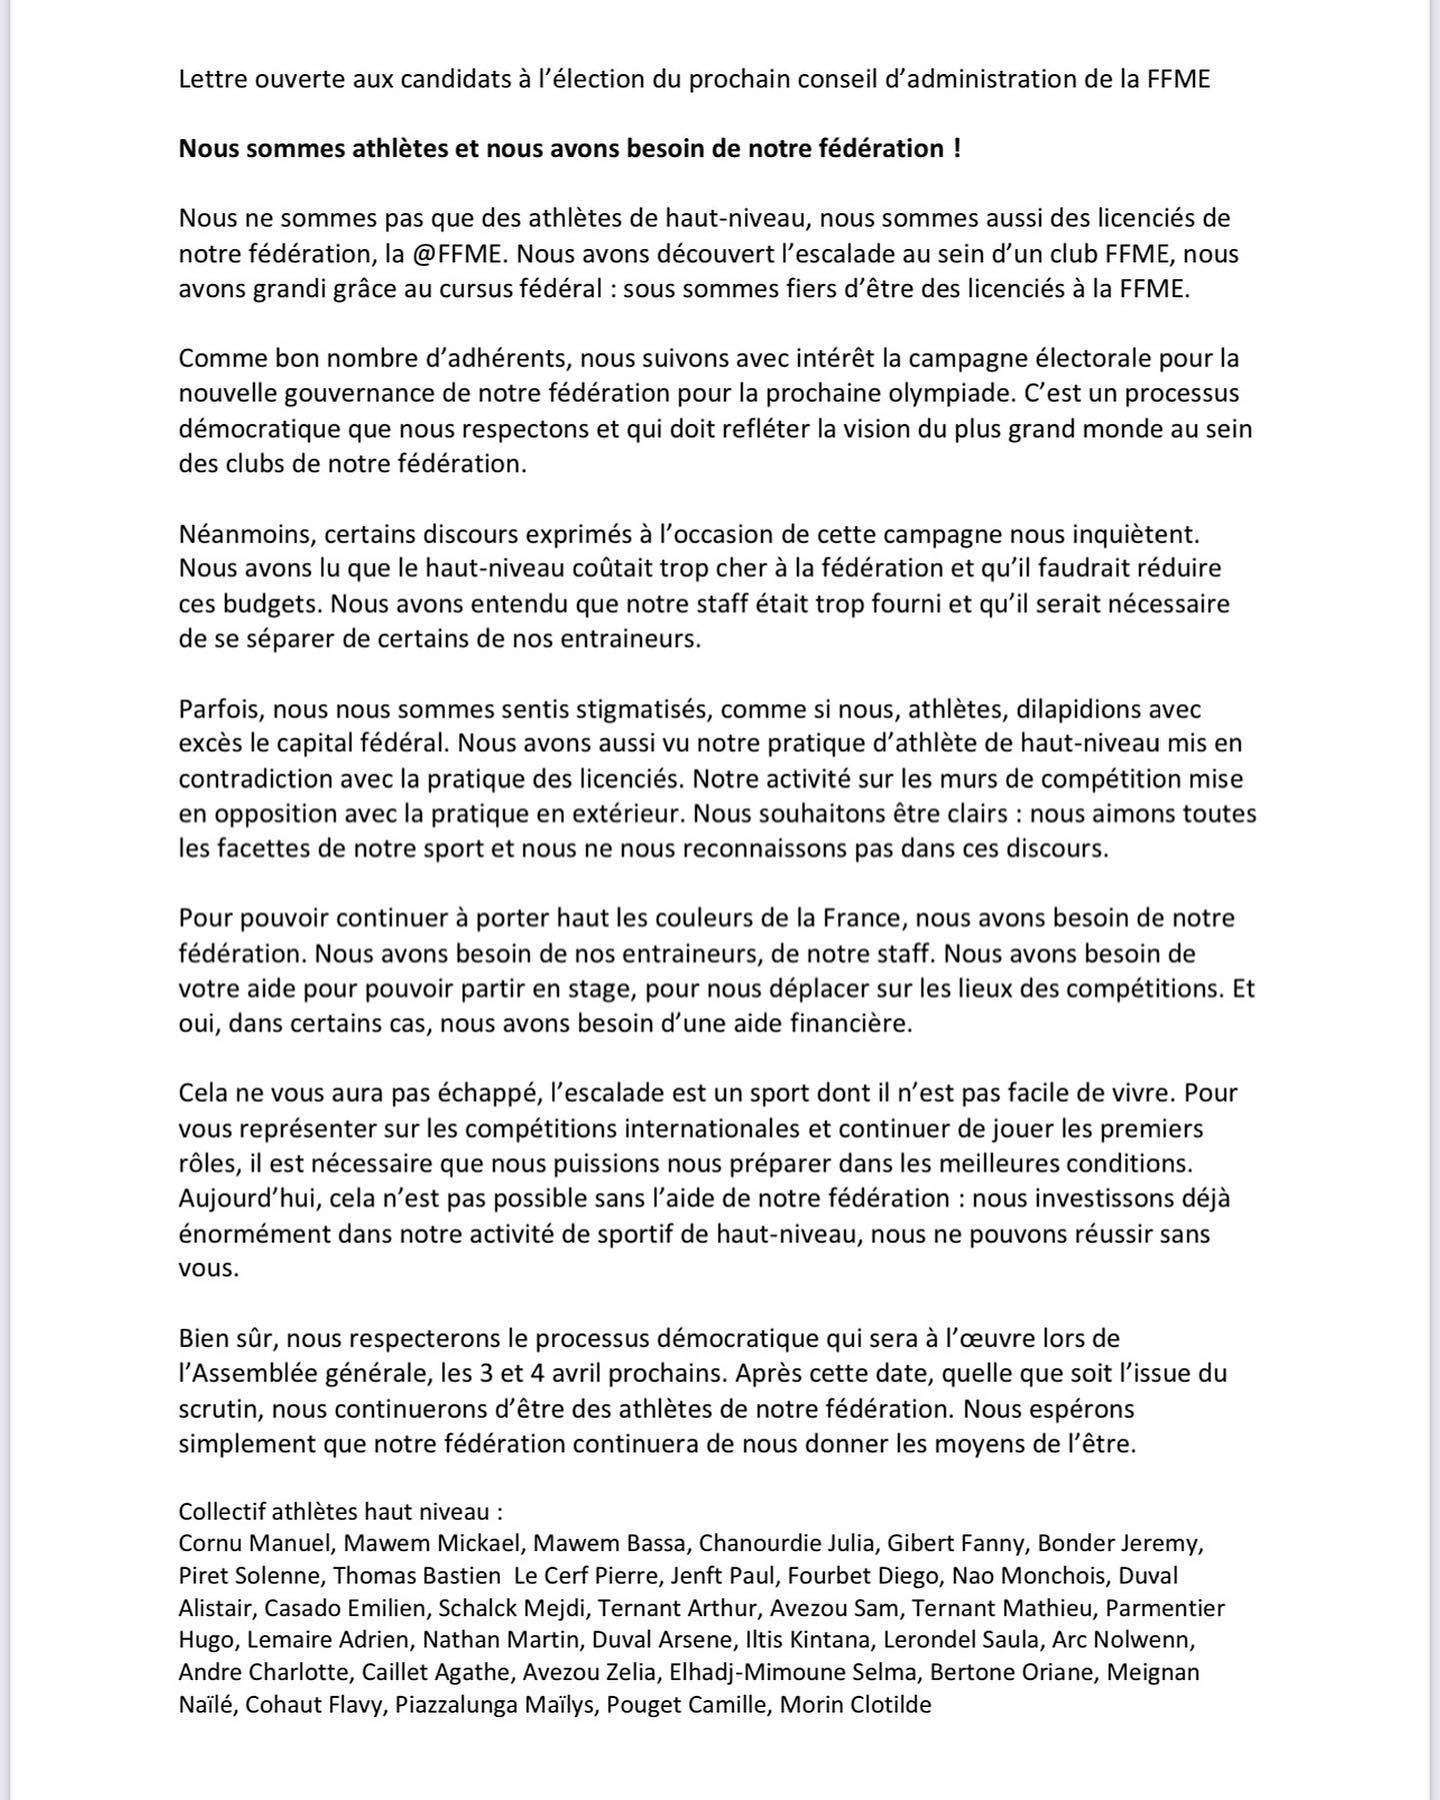 Lettre ouverte de 35 grimpeurs et grimpeuses de haut niveau pour défendre leur statut auprès de la fédération